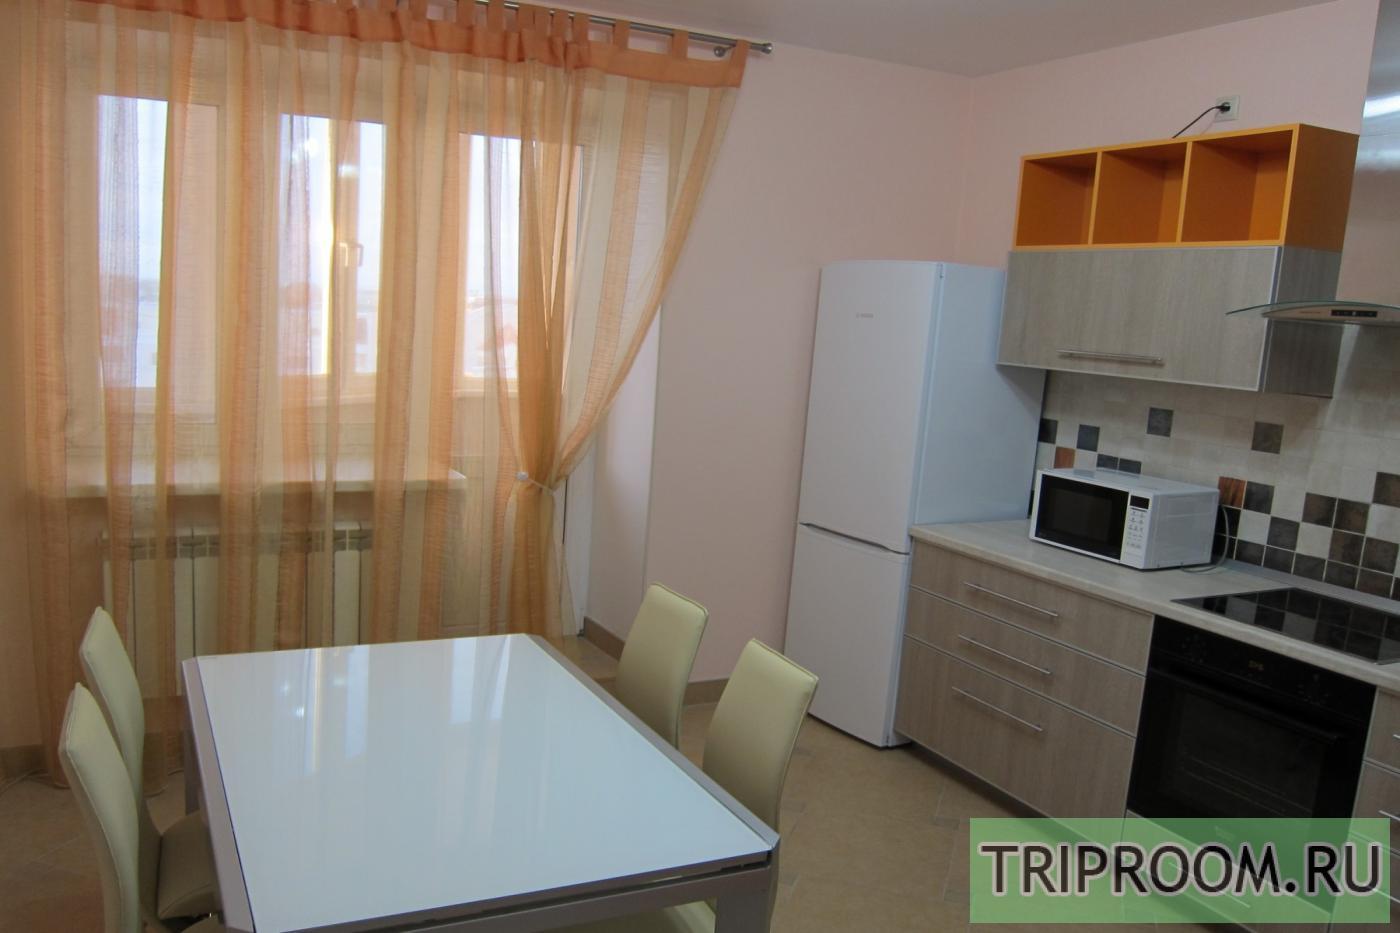 2-комнатная квартира посуточно (вариант № 21568), ул. Петра Смородина, фото № 8